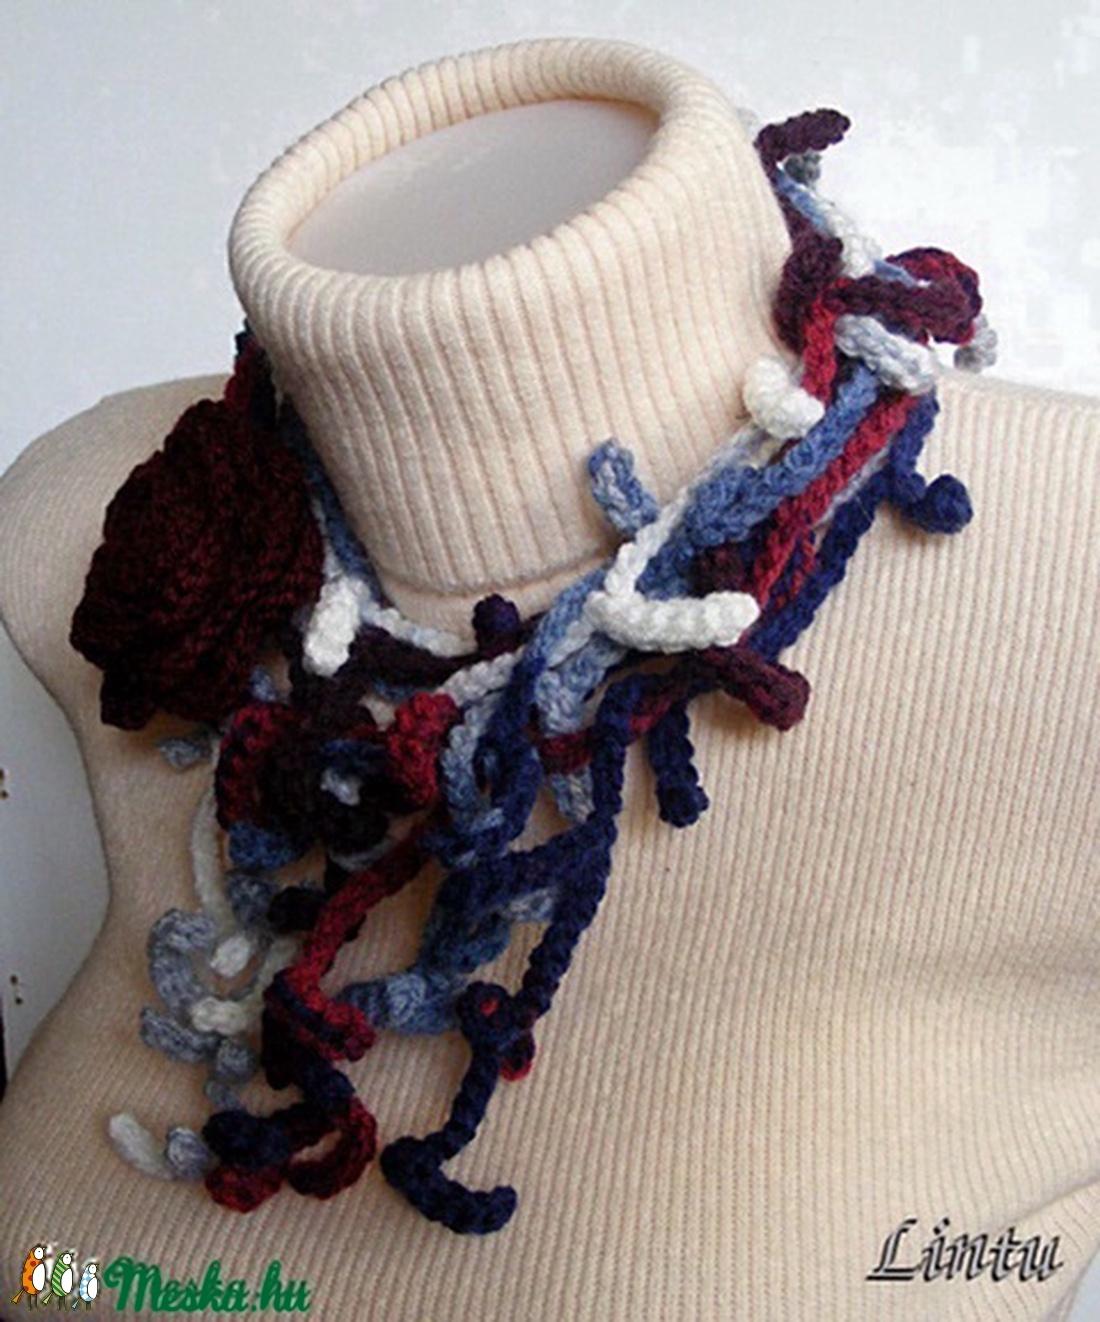 Horgolt ágas-bogas nyaklánc kék-bordó színekben - ékszer - nyaklánc - nyakpánt, gallér - Meska.hu